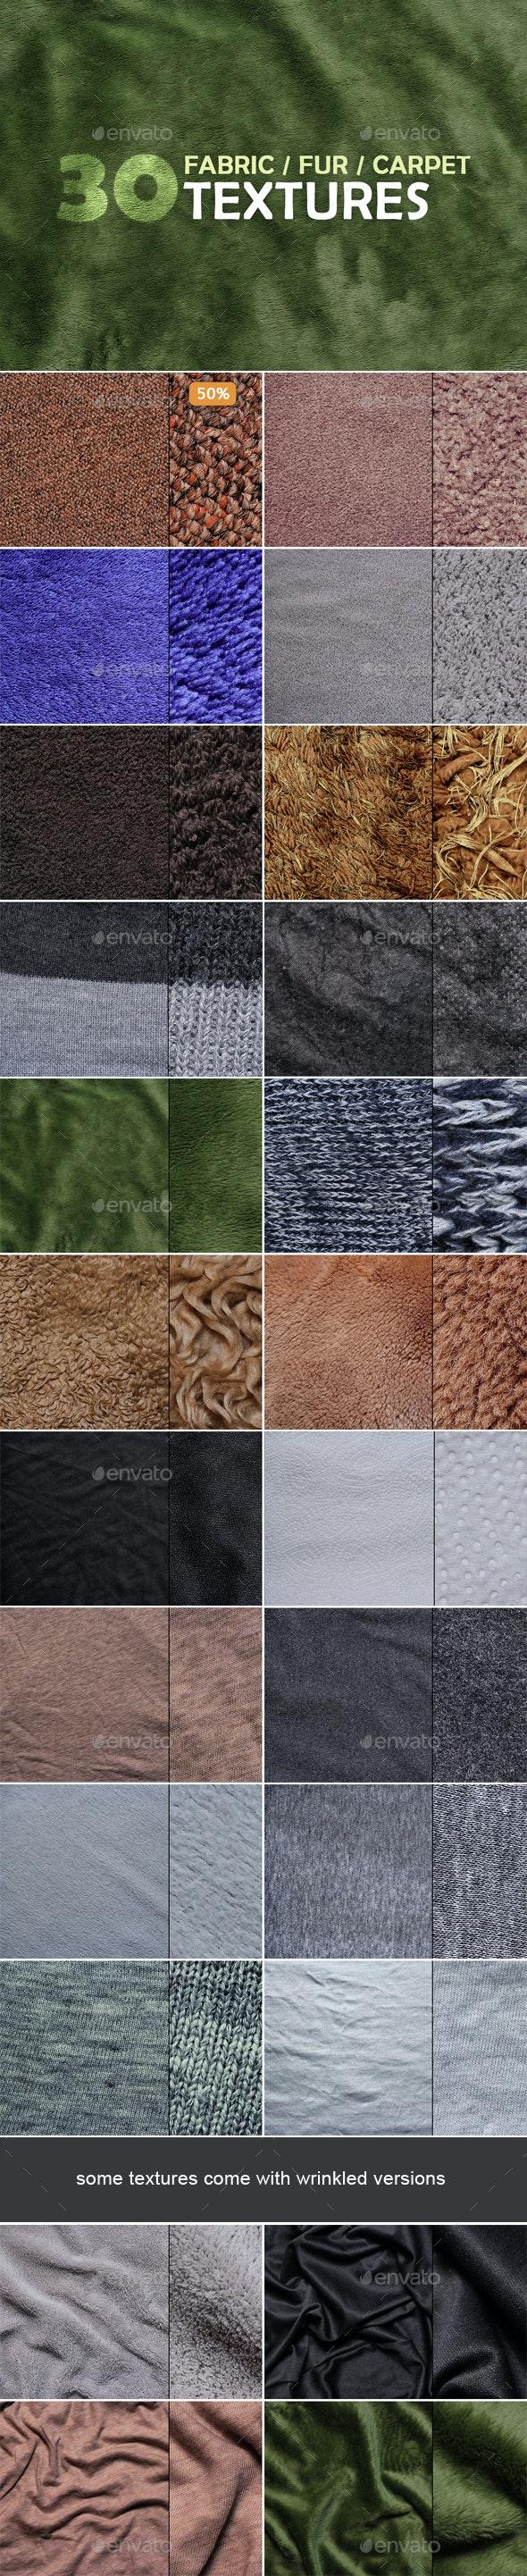 Fabric, Fur & Carpet Textures - Fabric Textures